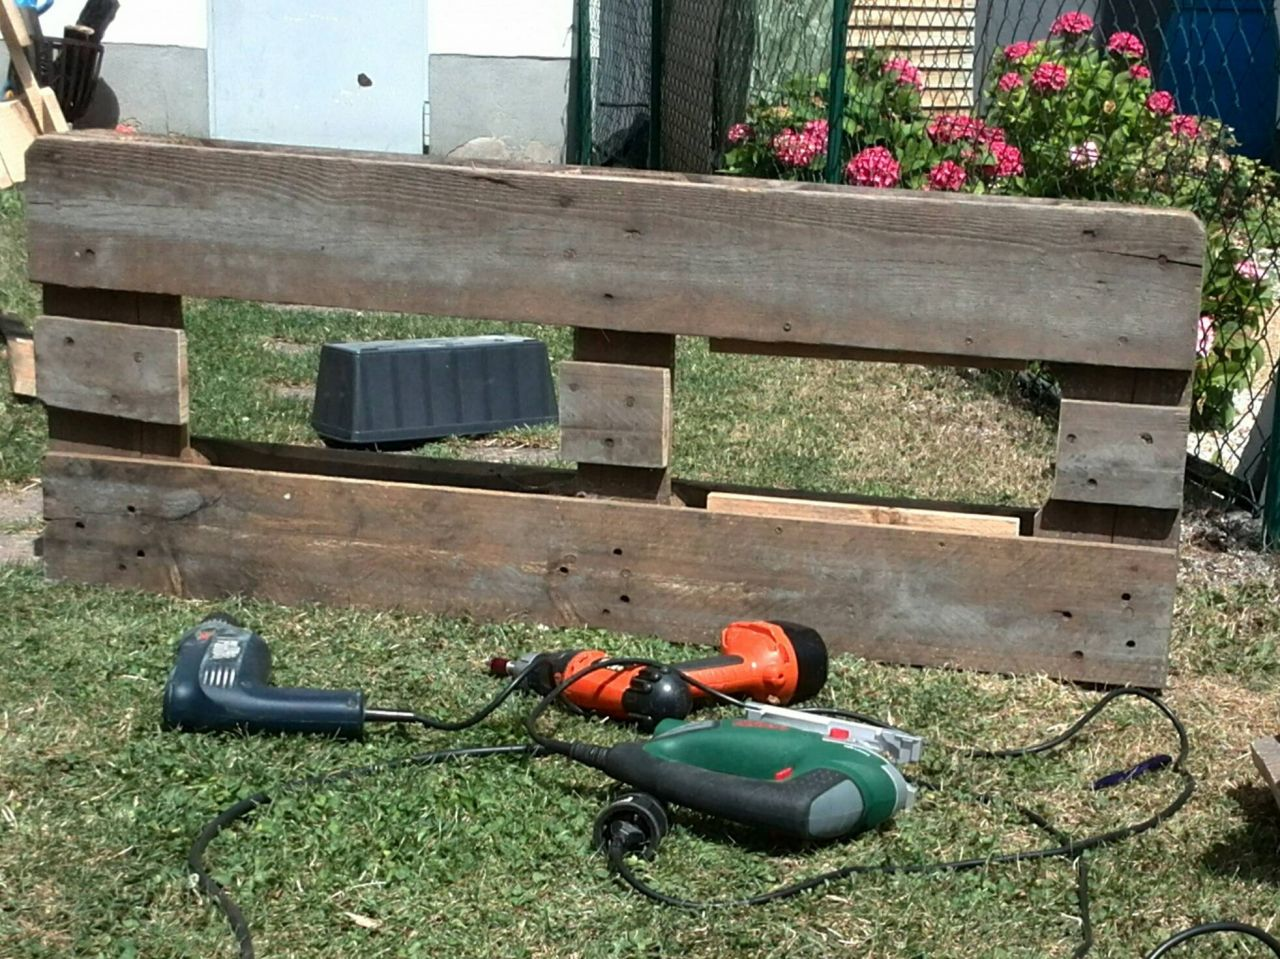 Outdoor Küche Selber Bauen Forum : Outdoorküche bauanleitung zum selberbauen do deine